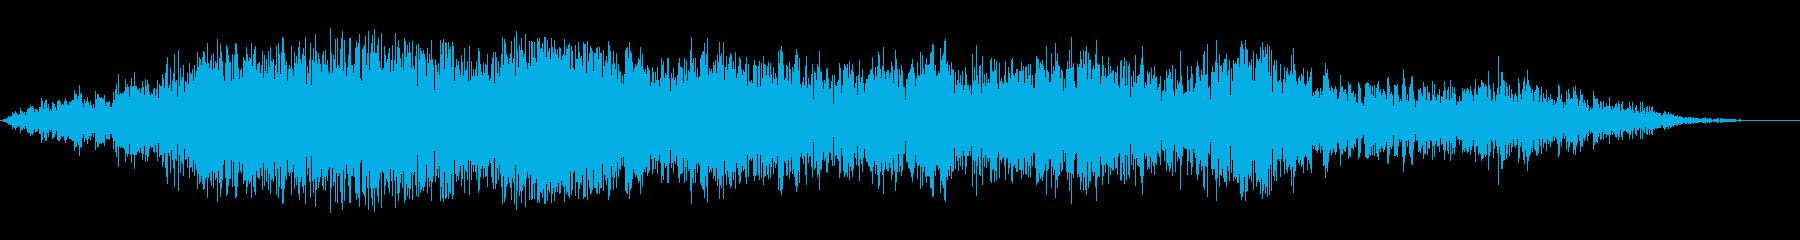 シャープガーブルドウーの再生済みの波形